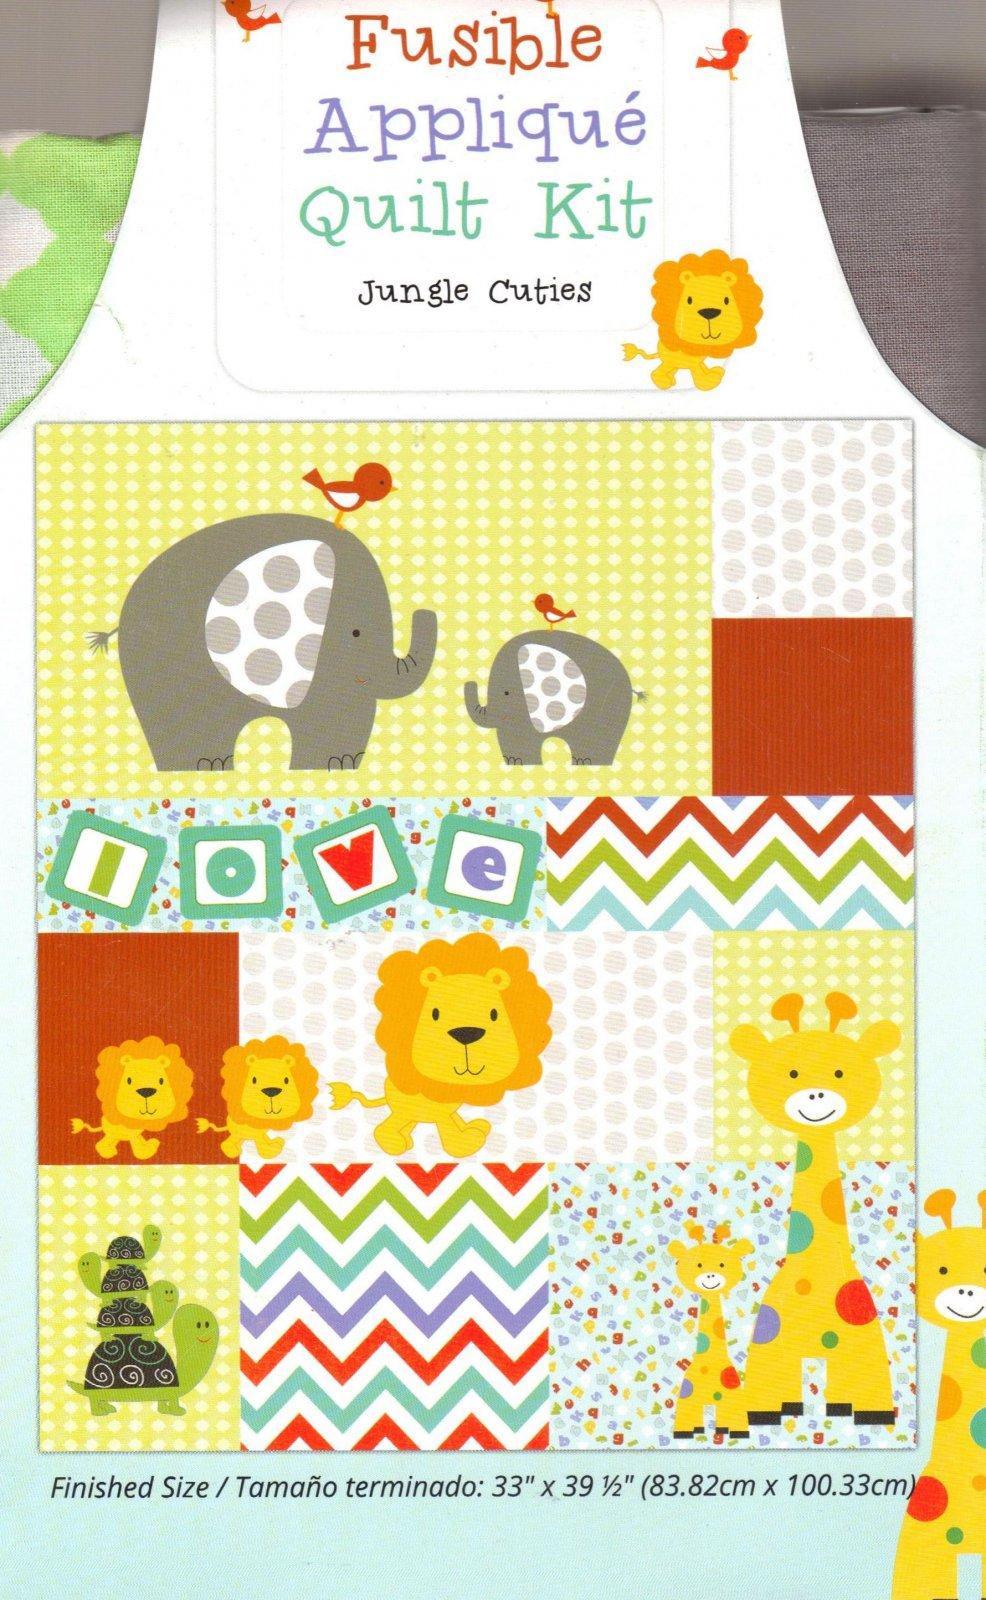 Ft Fusible Applique Quilt Kits Jungle Cuties